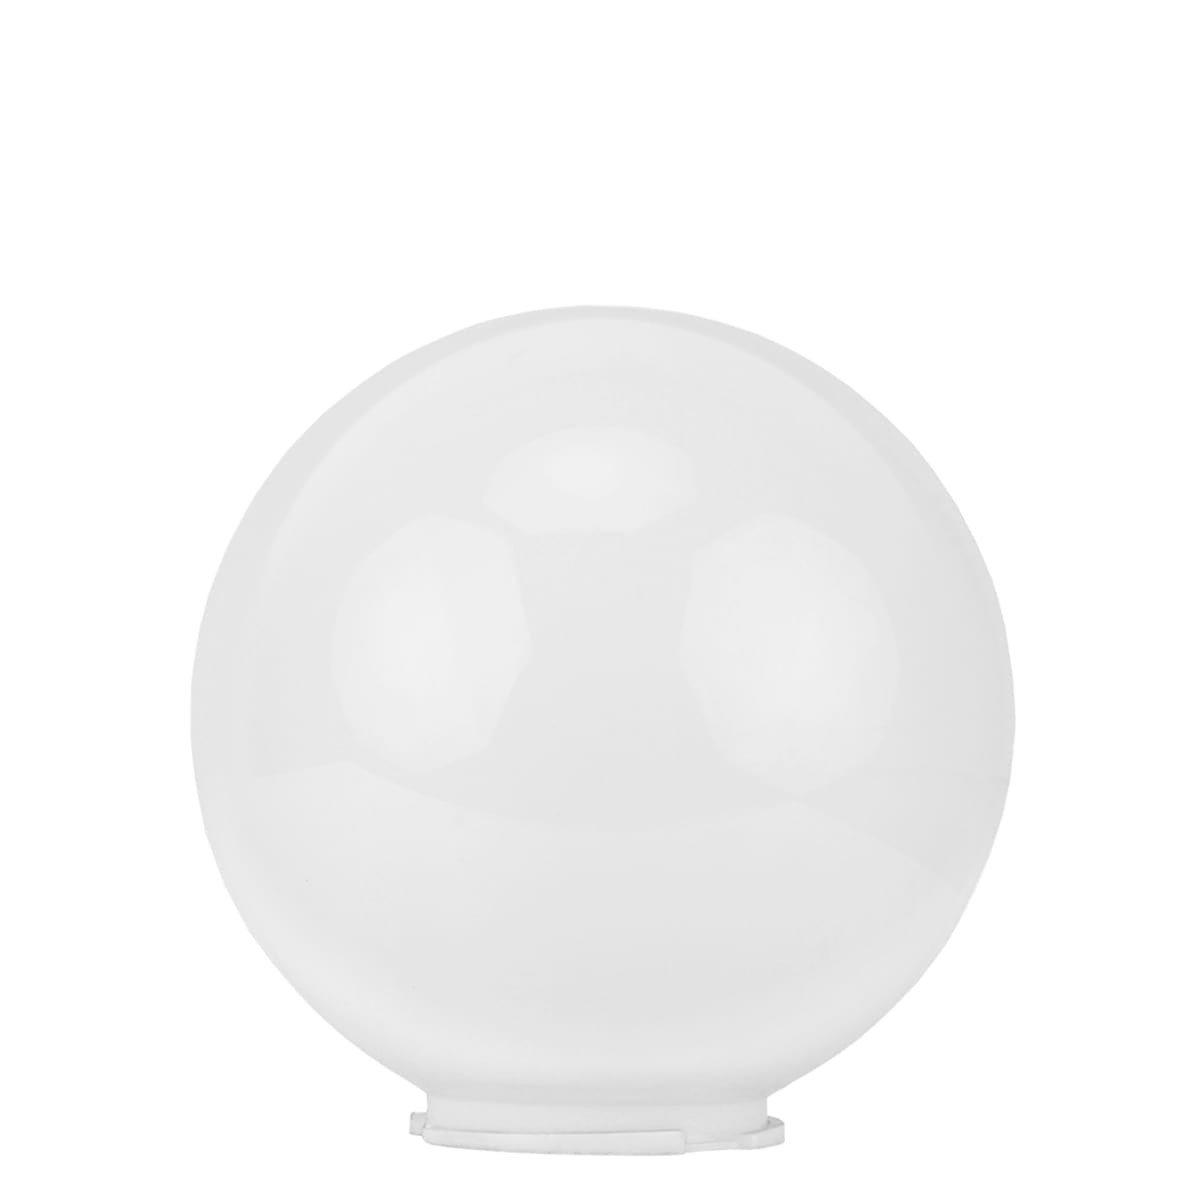 Buitenverlichting Onderdelen Losse bol kunststof opaalglas - Ø 20 cm